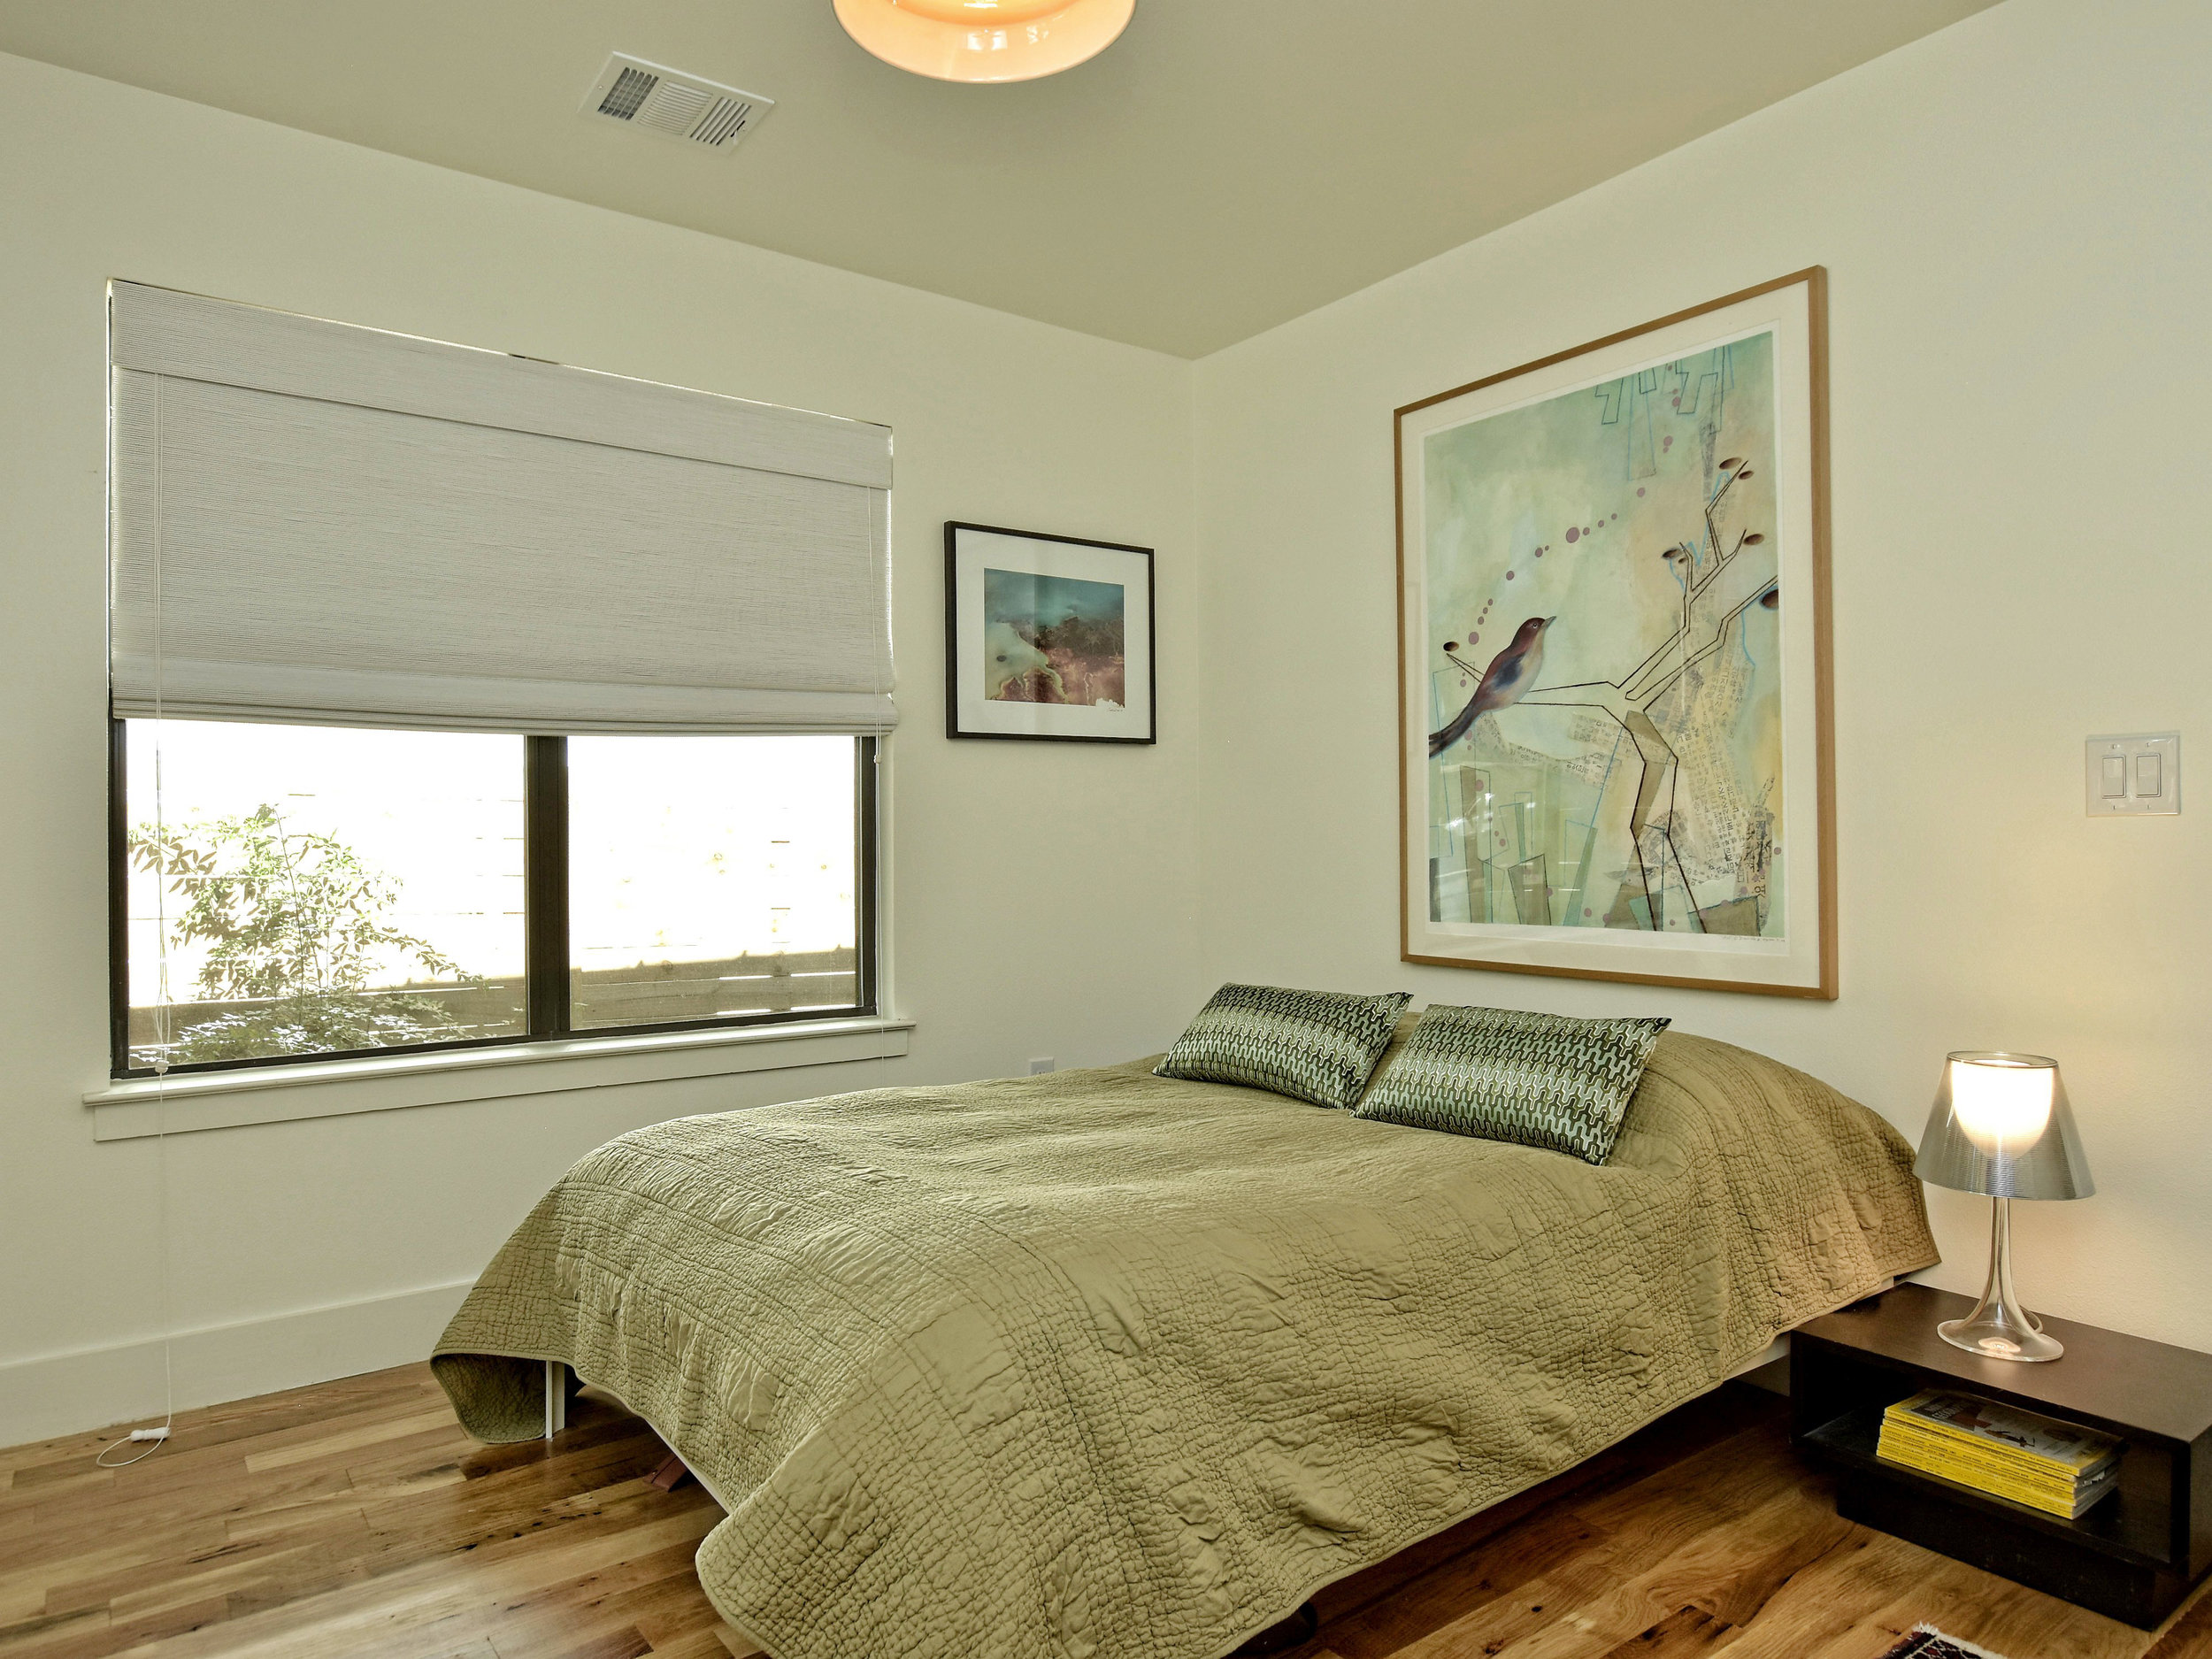 021_2nd Bedroom 2.jpg